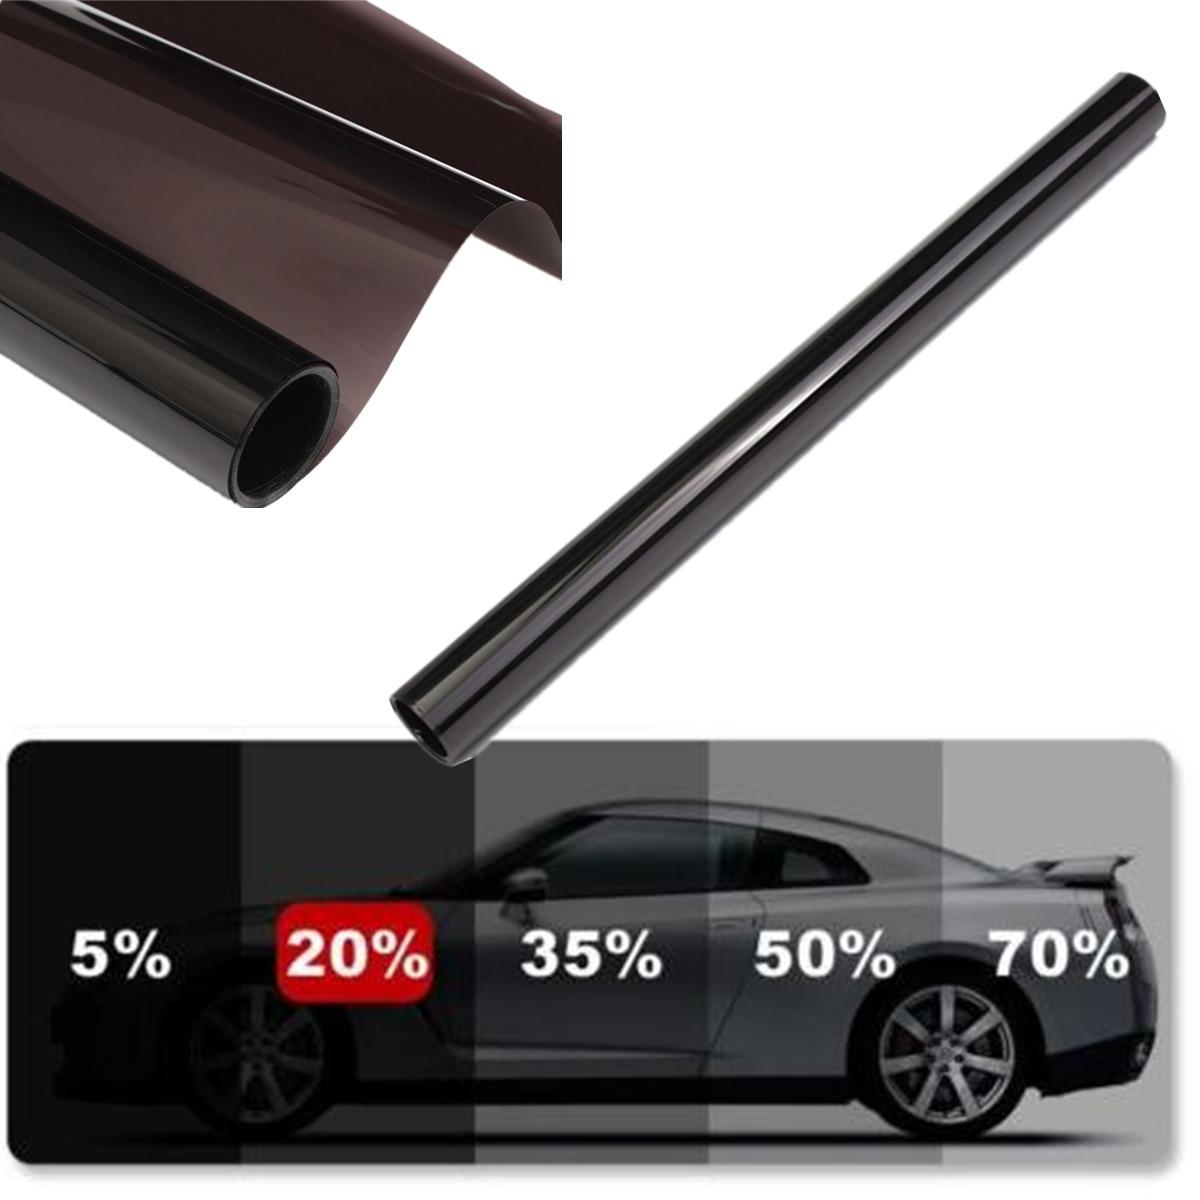 50x600cm Car Window Tint Film Glass VLT 1% 5% 15% 20% 30% 35% 50% Roll 1 PLY Car Auto House Commercial Solar Protection Summer